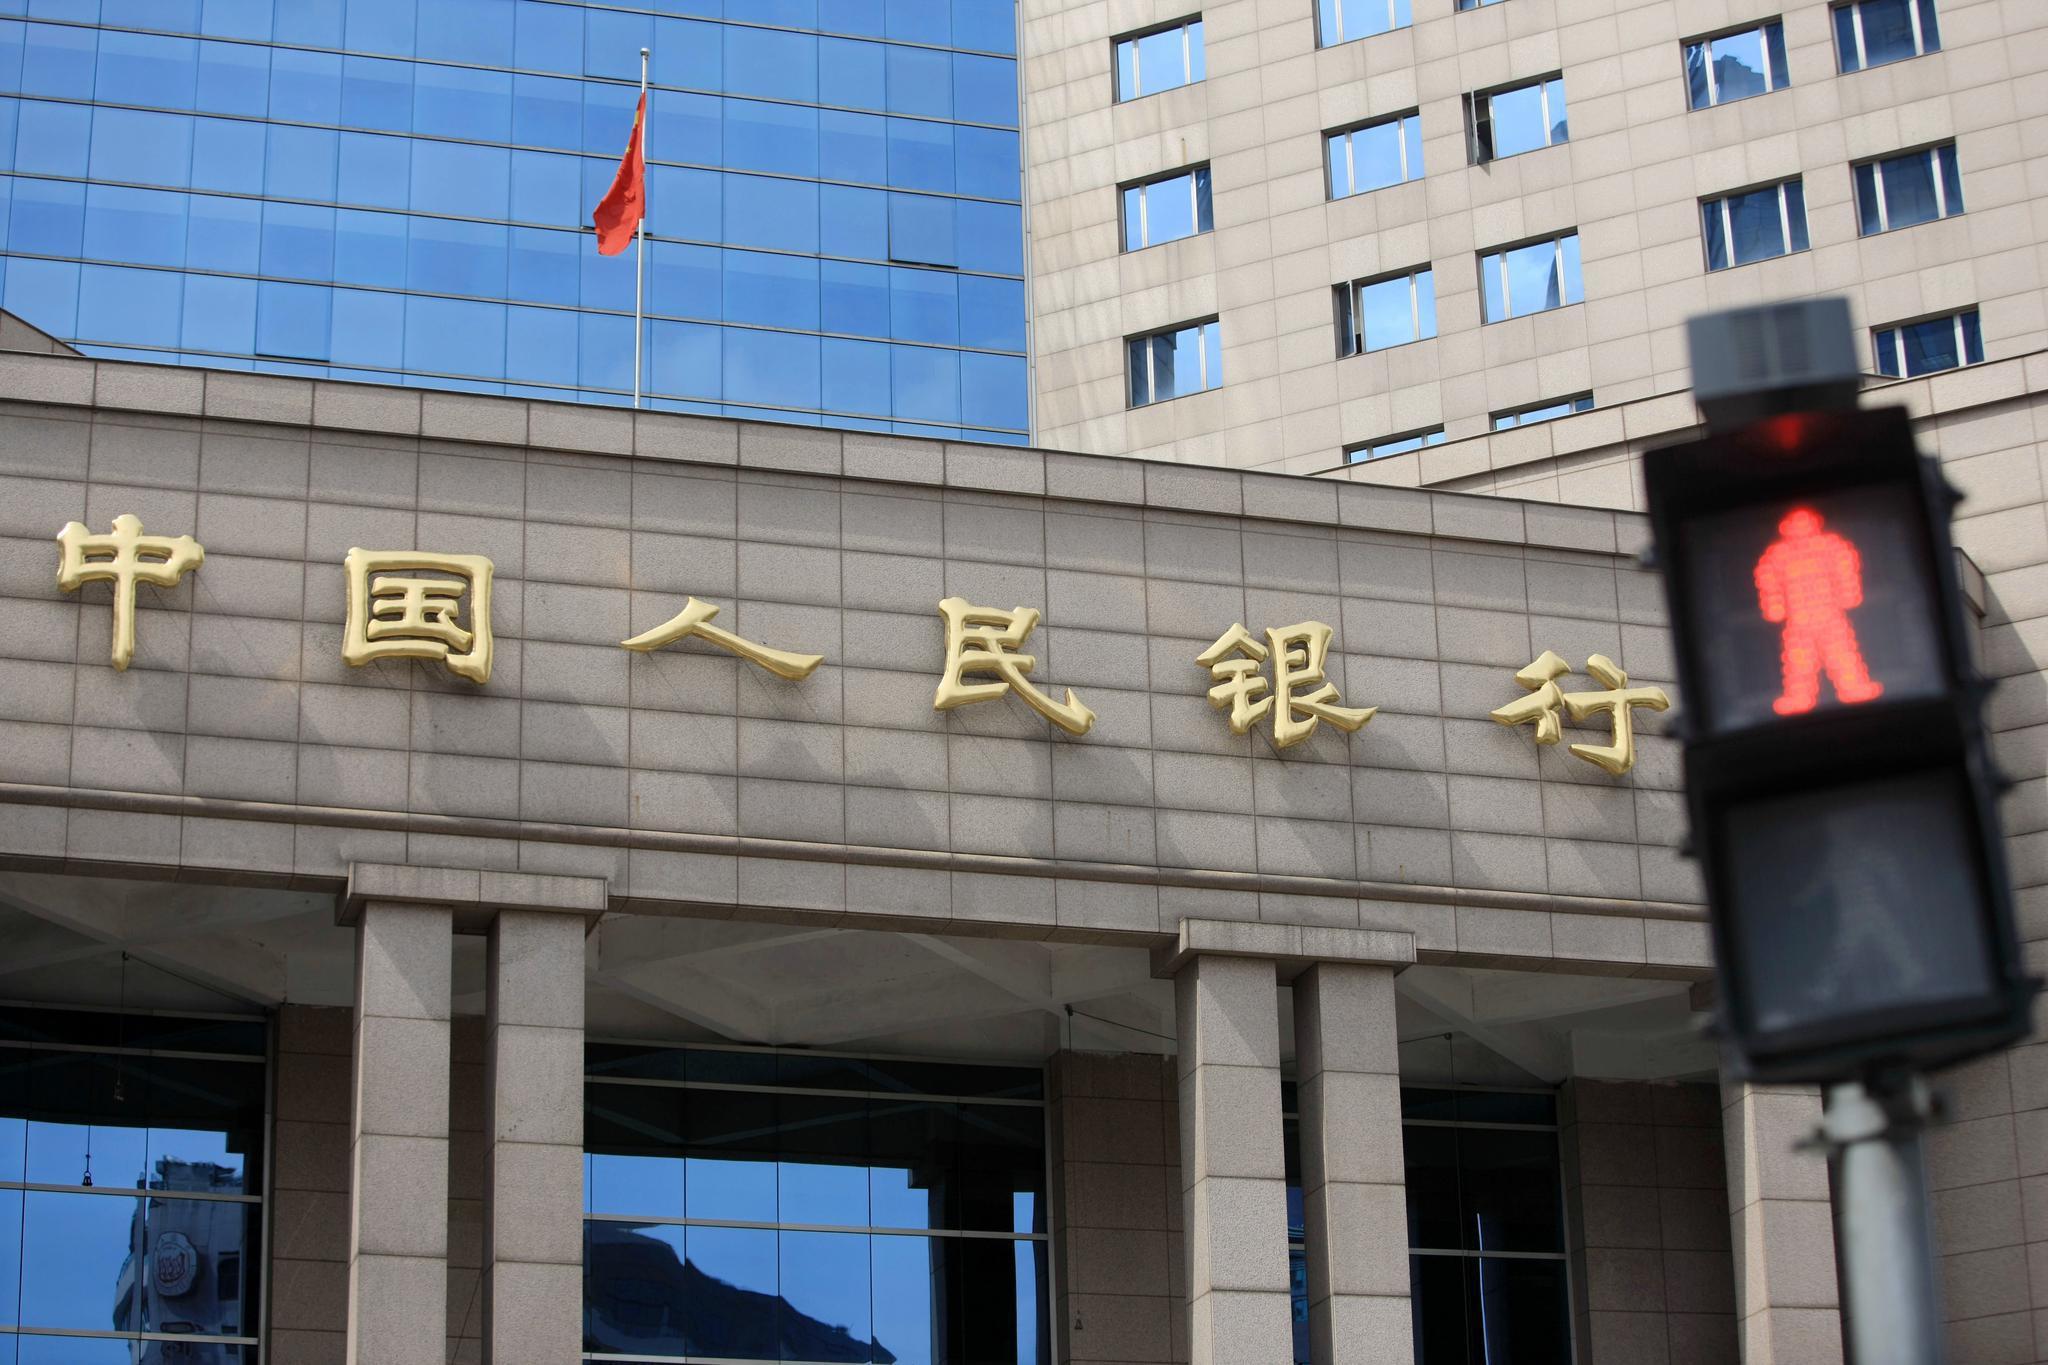 工行、邮储、华夏等多家银行被央行处罚